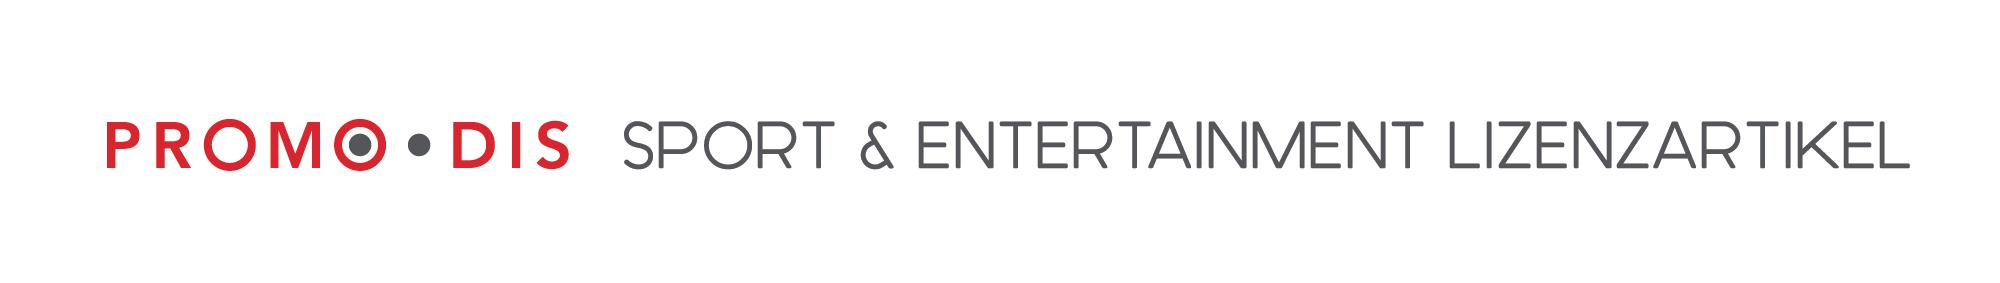 Promo-Dis: Sport- und Entertainment-Lizenzartikel